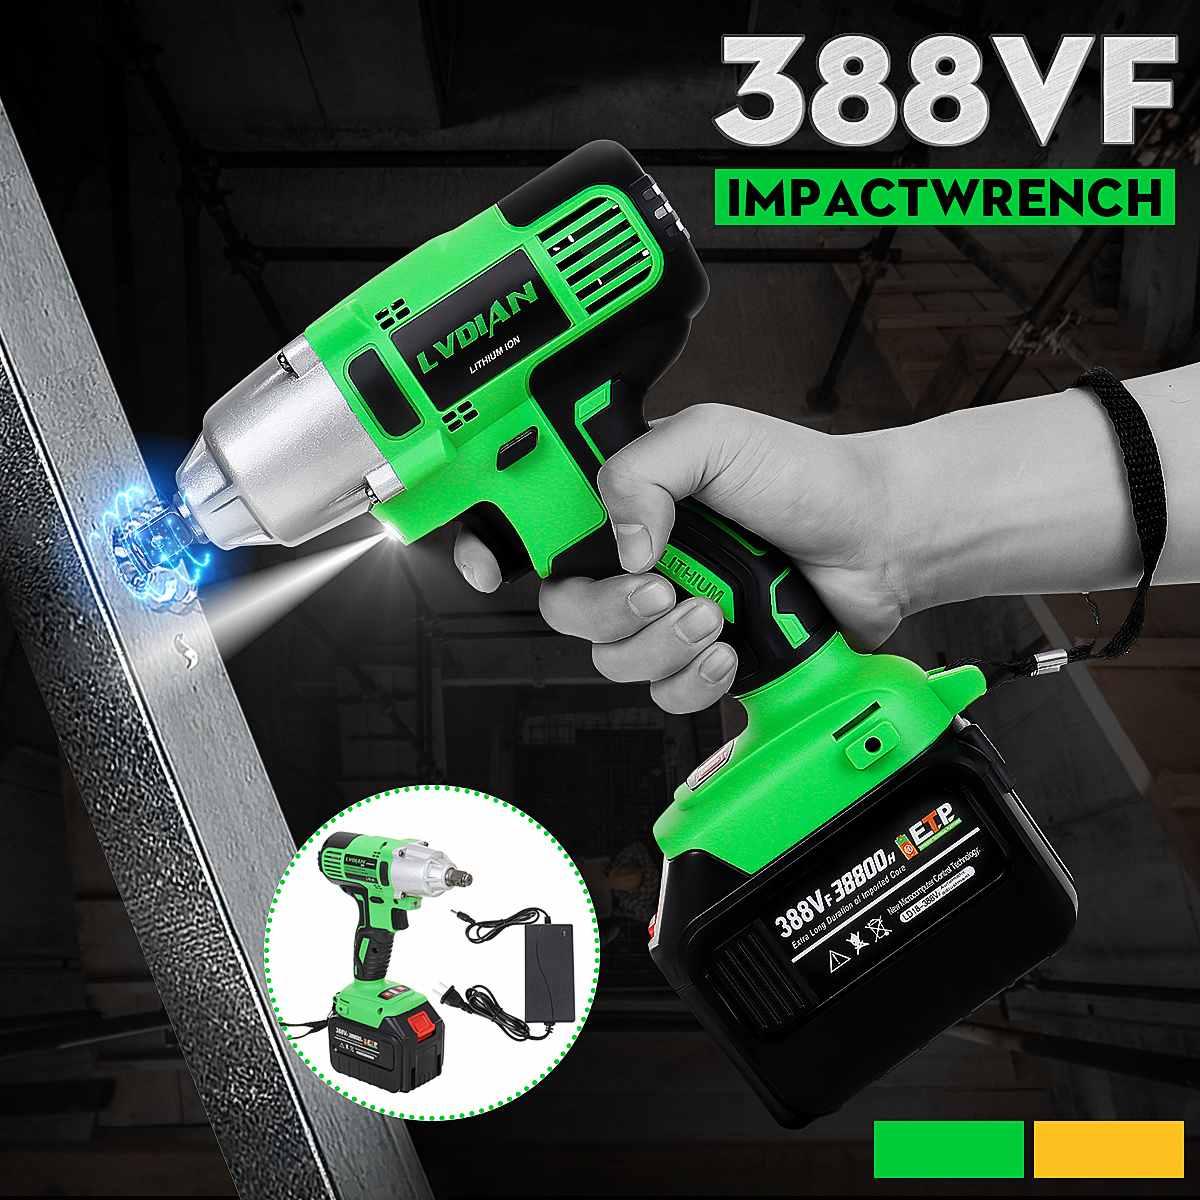 388VF 650Nm 1/2 clé à chocs électrique sans brosse clé à chocs sans fil clé à douille outils électriques accessoire 38800mah batterie